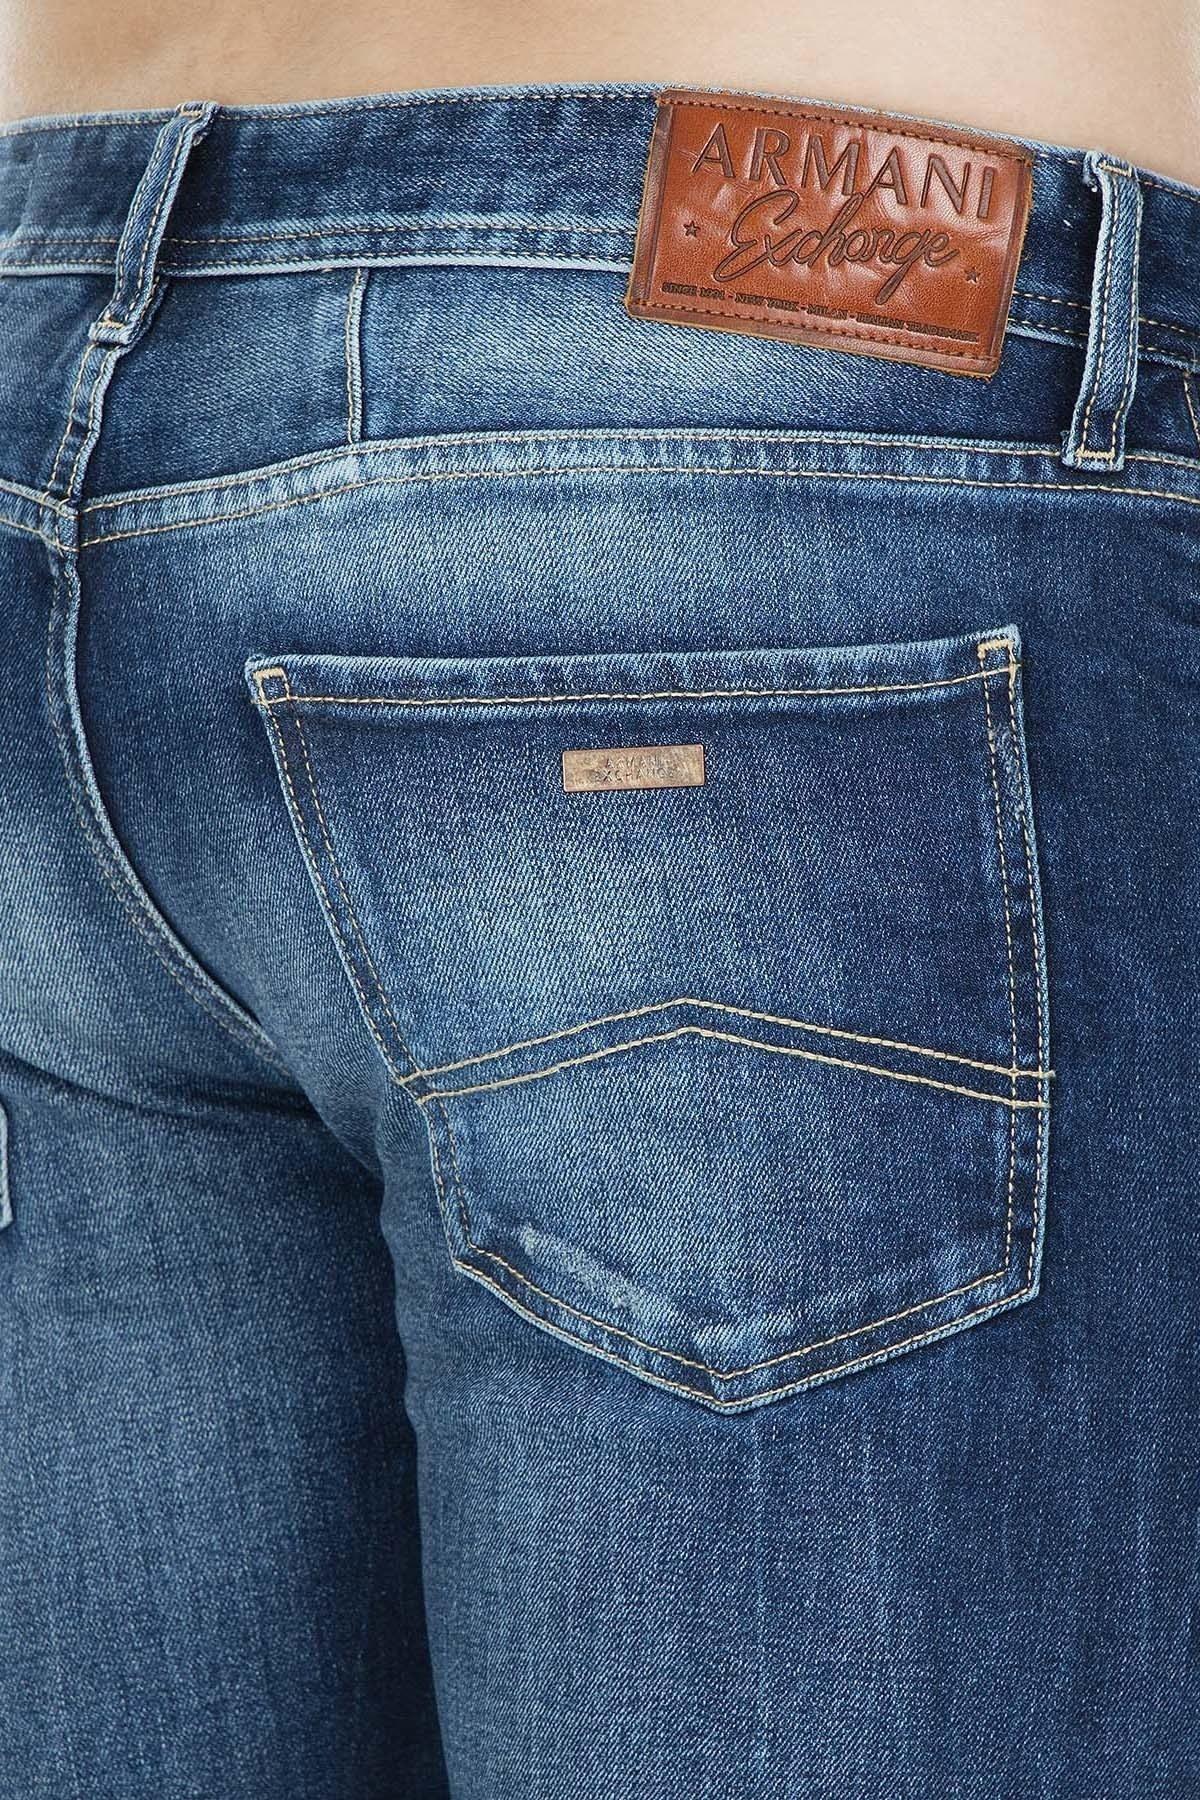 Armani Exchange J13 Jeans Erkek Kot Pantolon 3GZJ13 Z1DRZ 1500 KOYU MAVİ